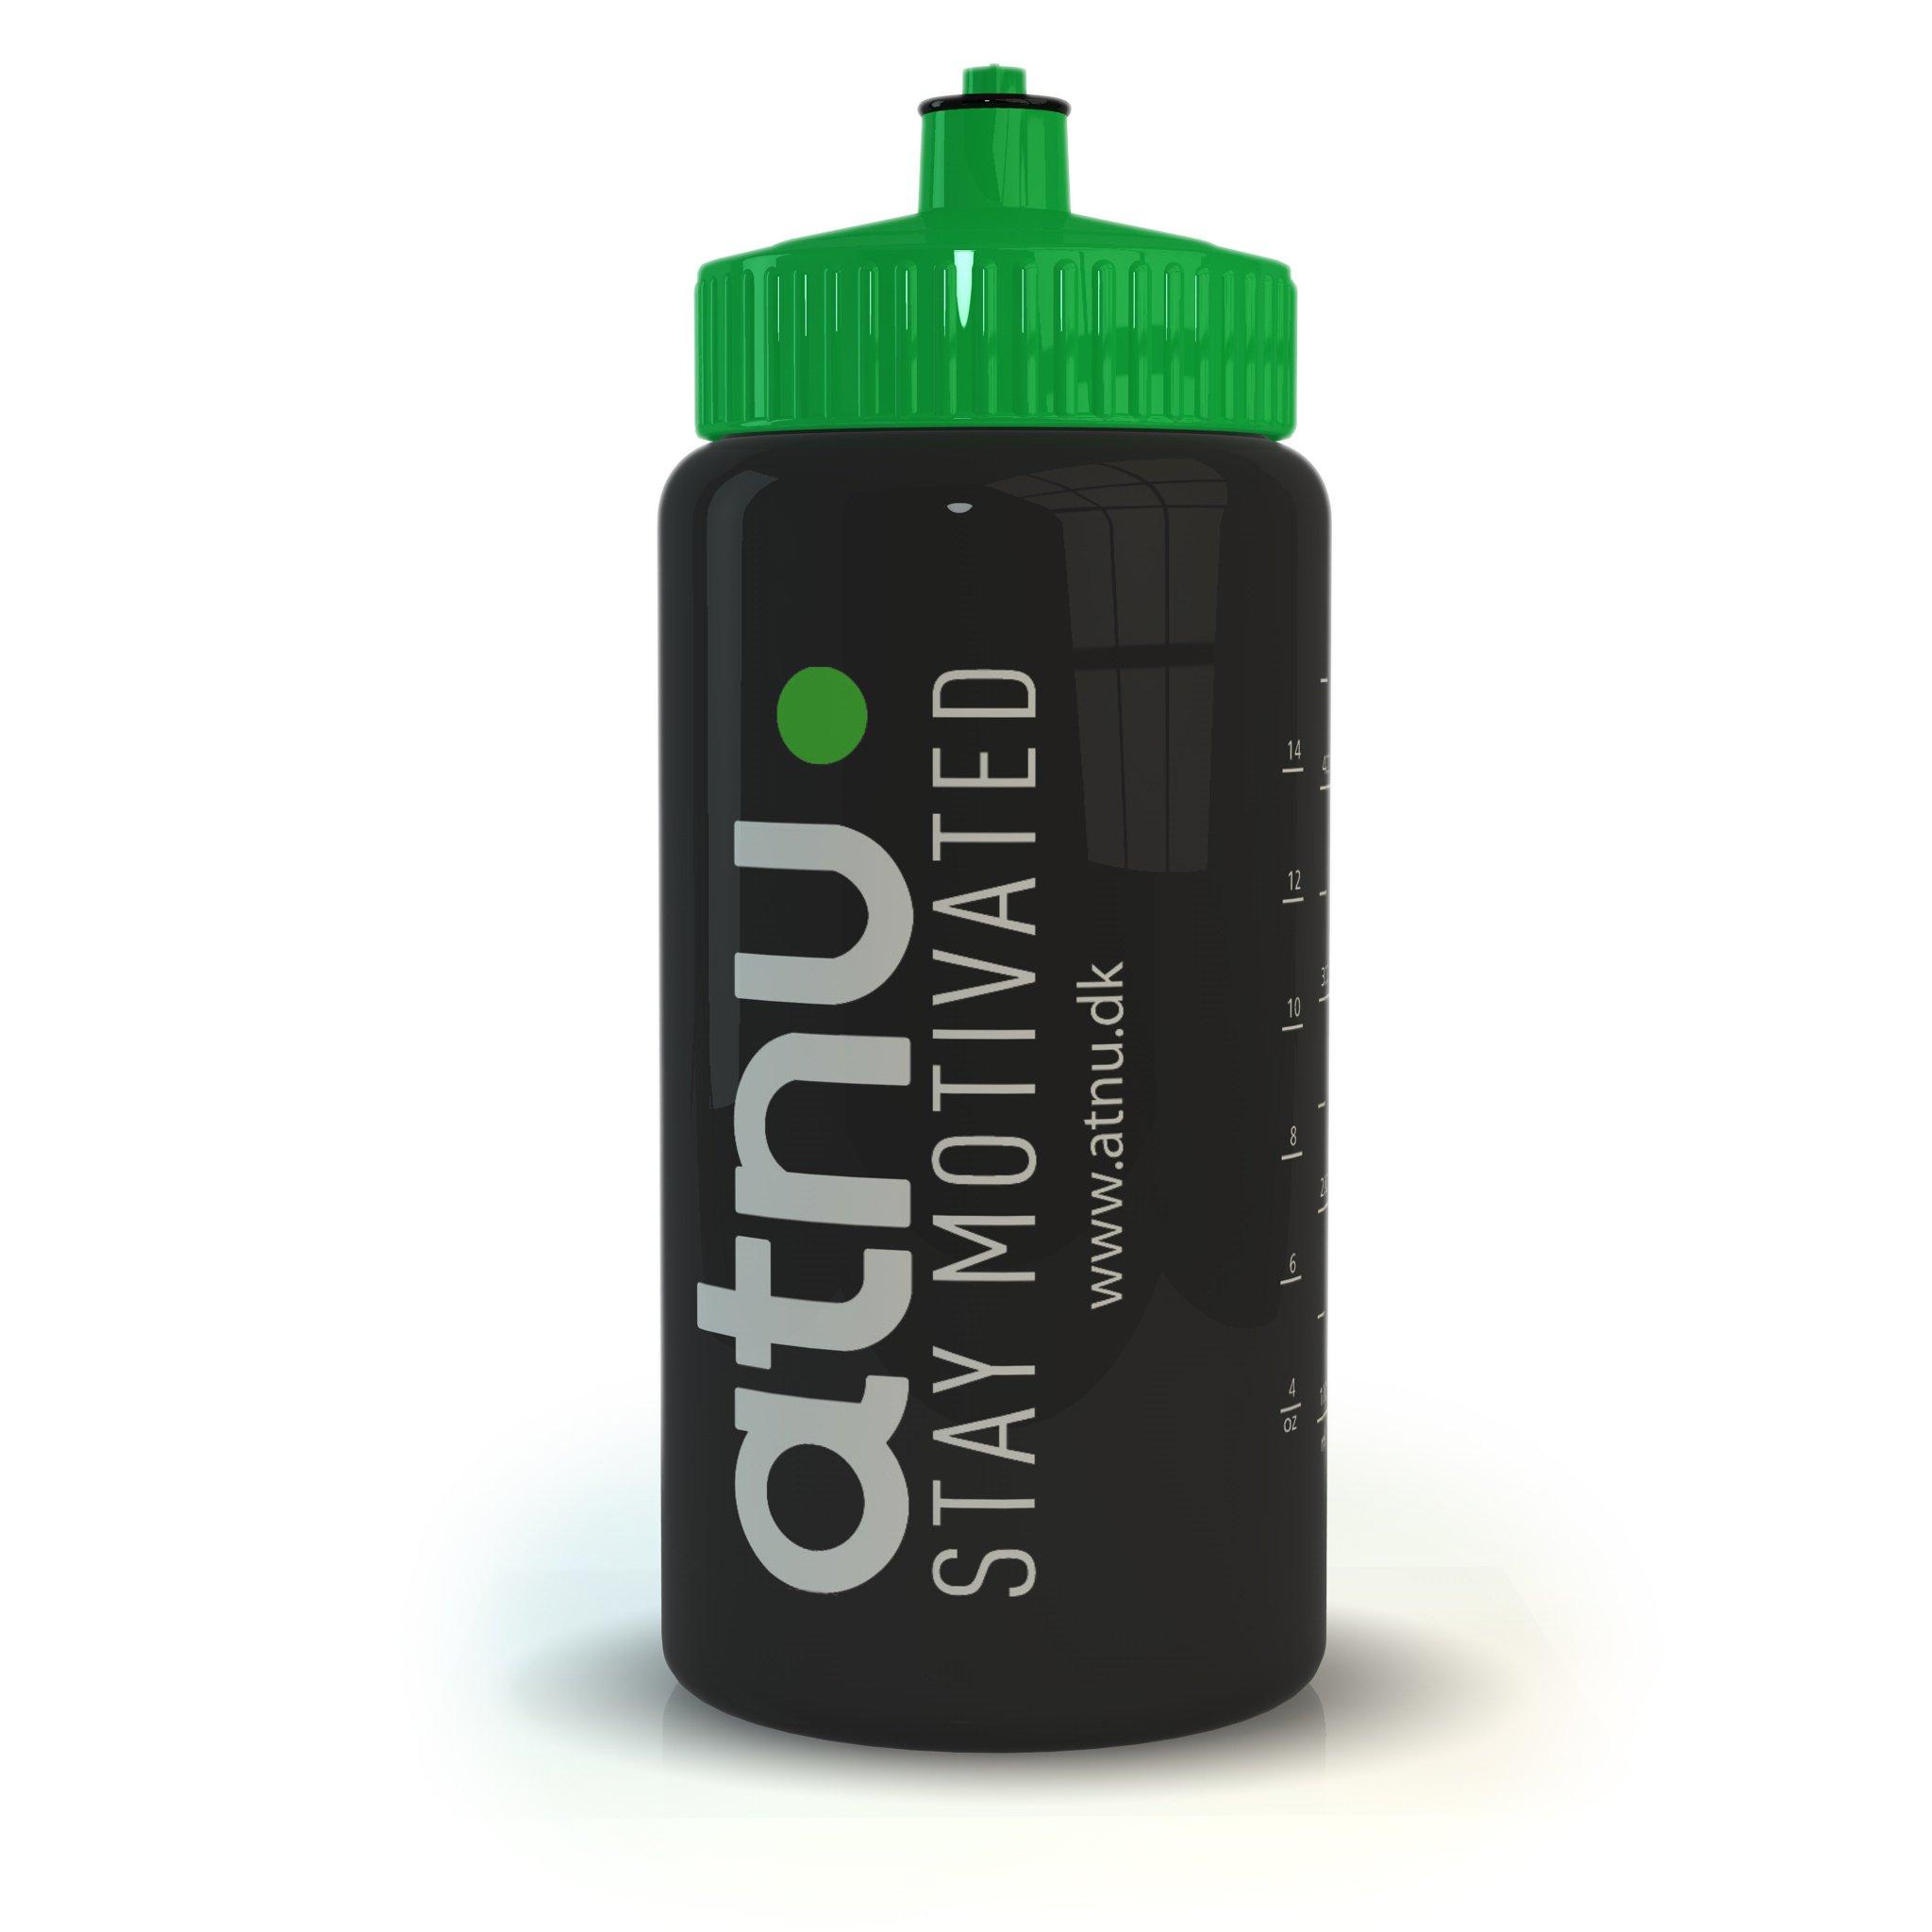 ATNU flaske 500ml | Bottles